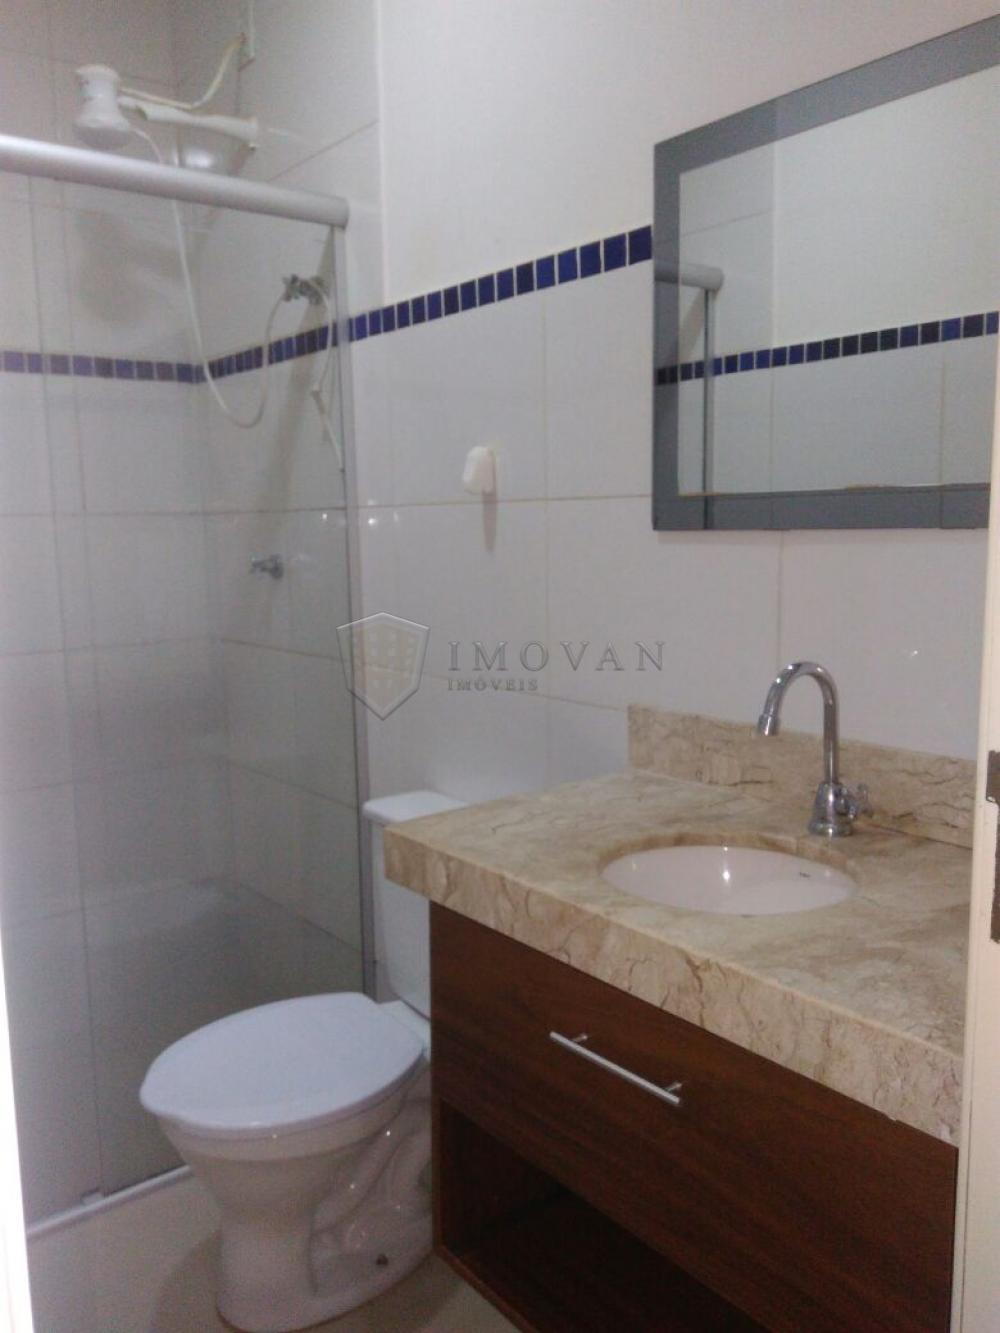 Alugar Apartamento / Padrão em Ribeirão Preto R$ 950,00 - Foto 8